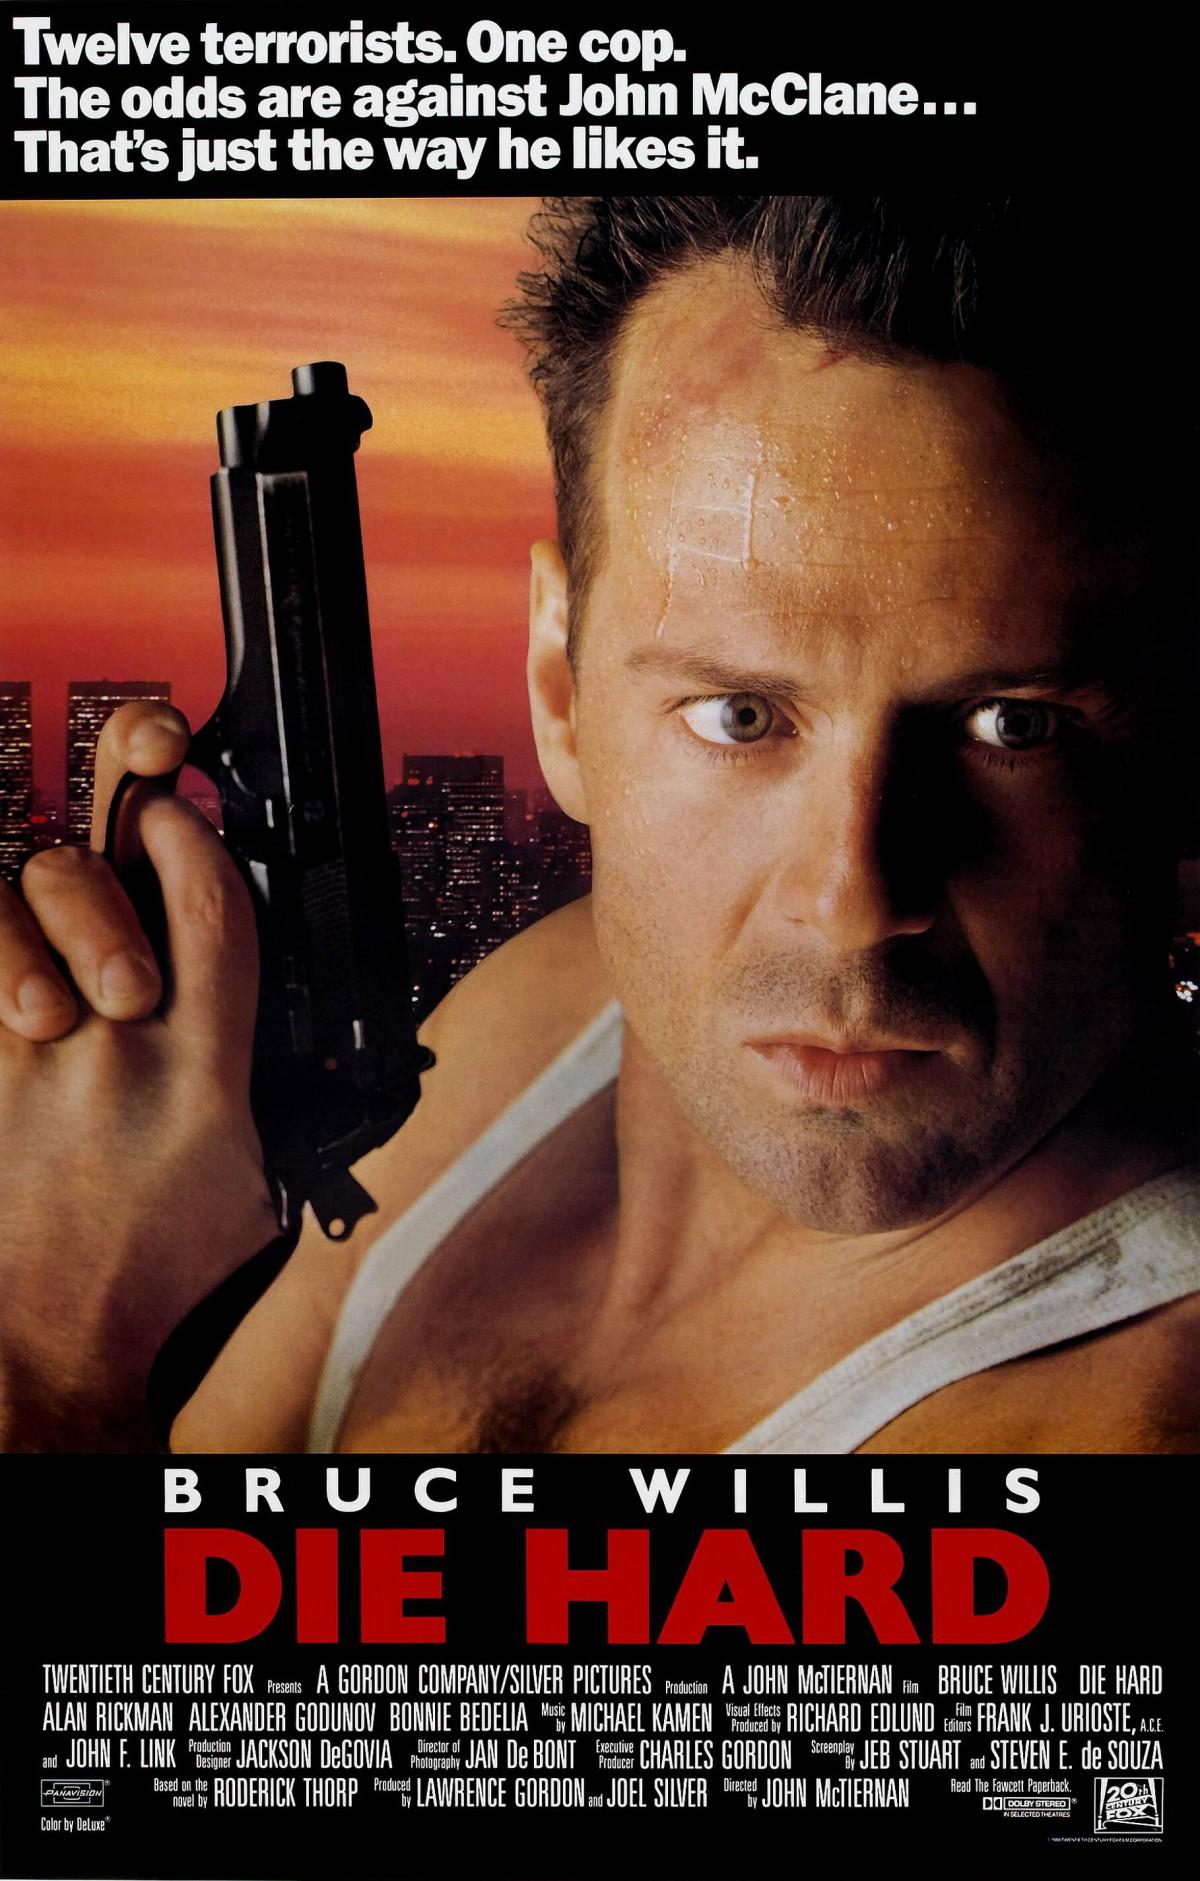 10. Die Hard (1988)